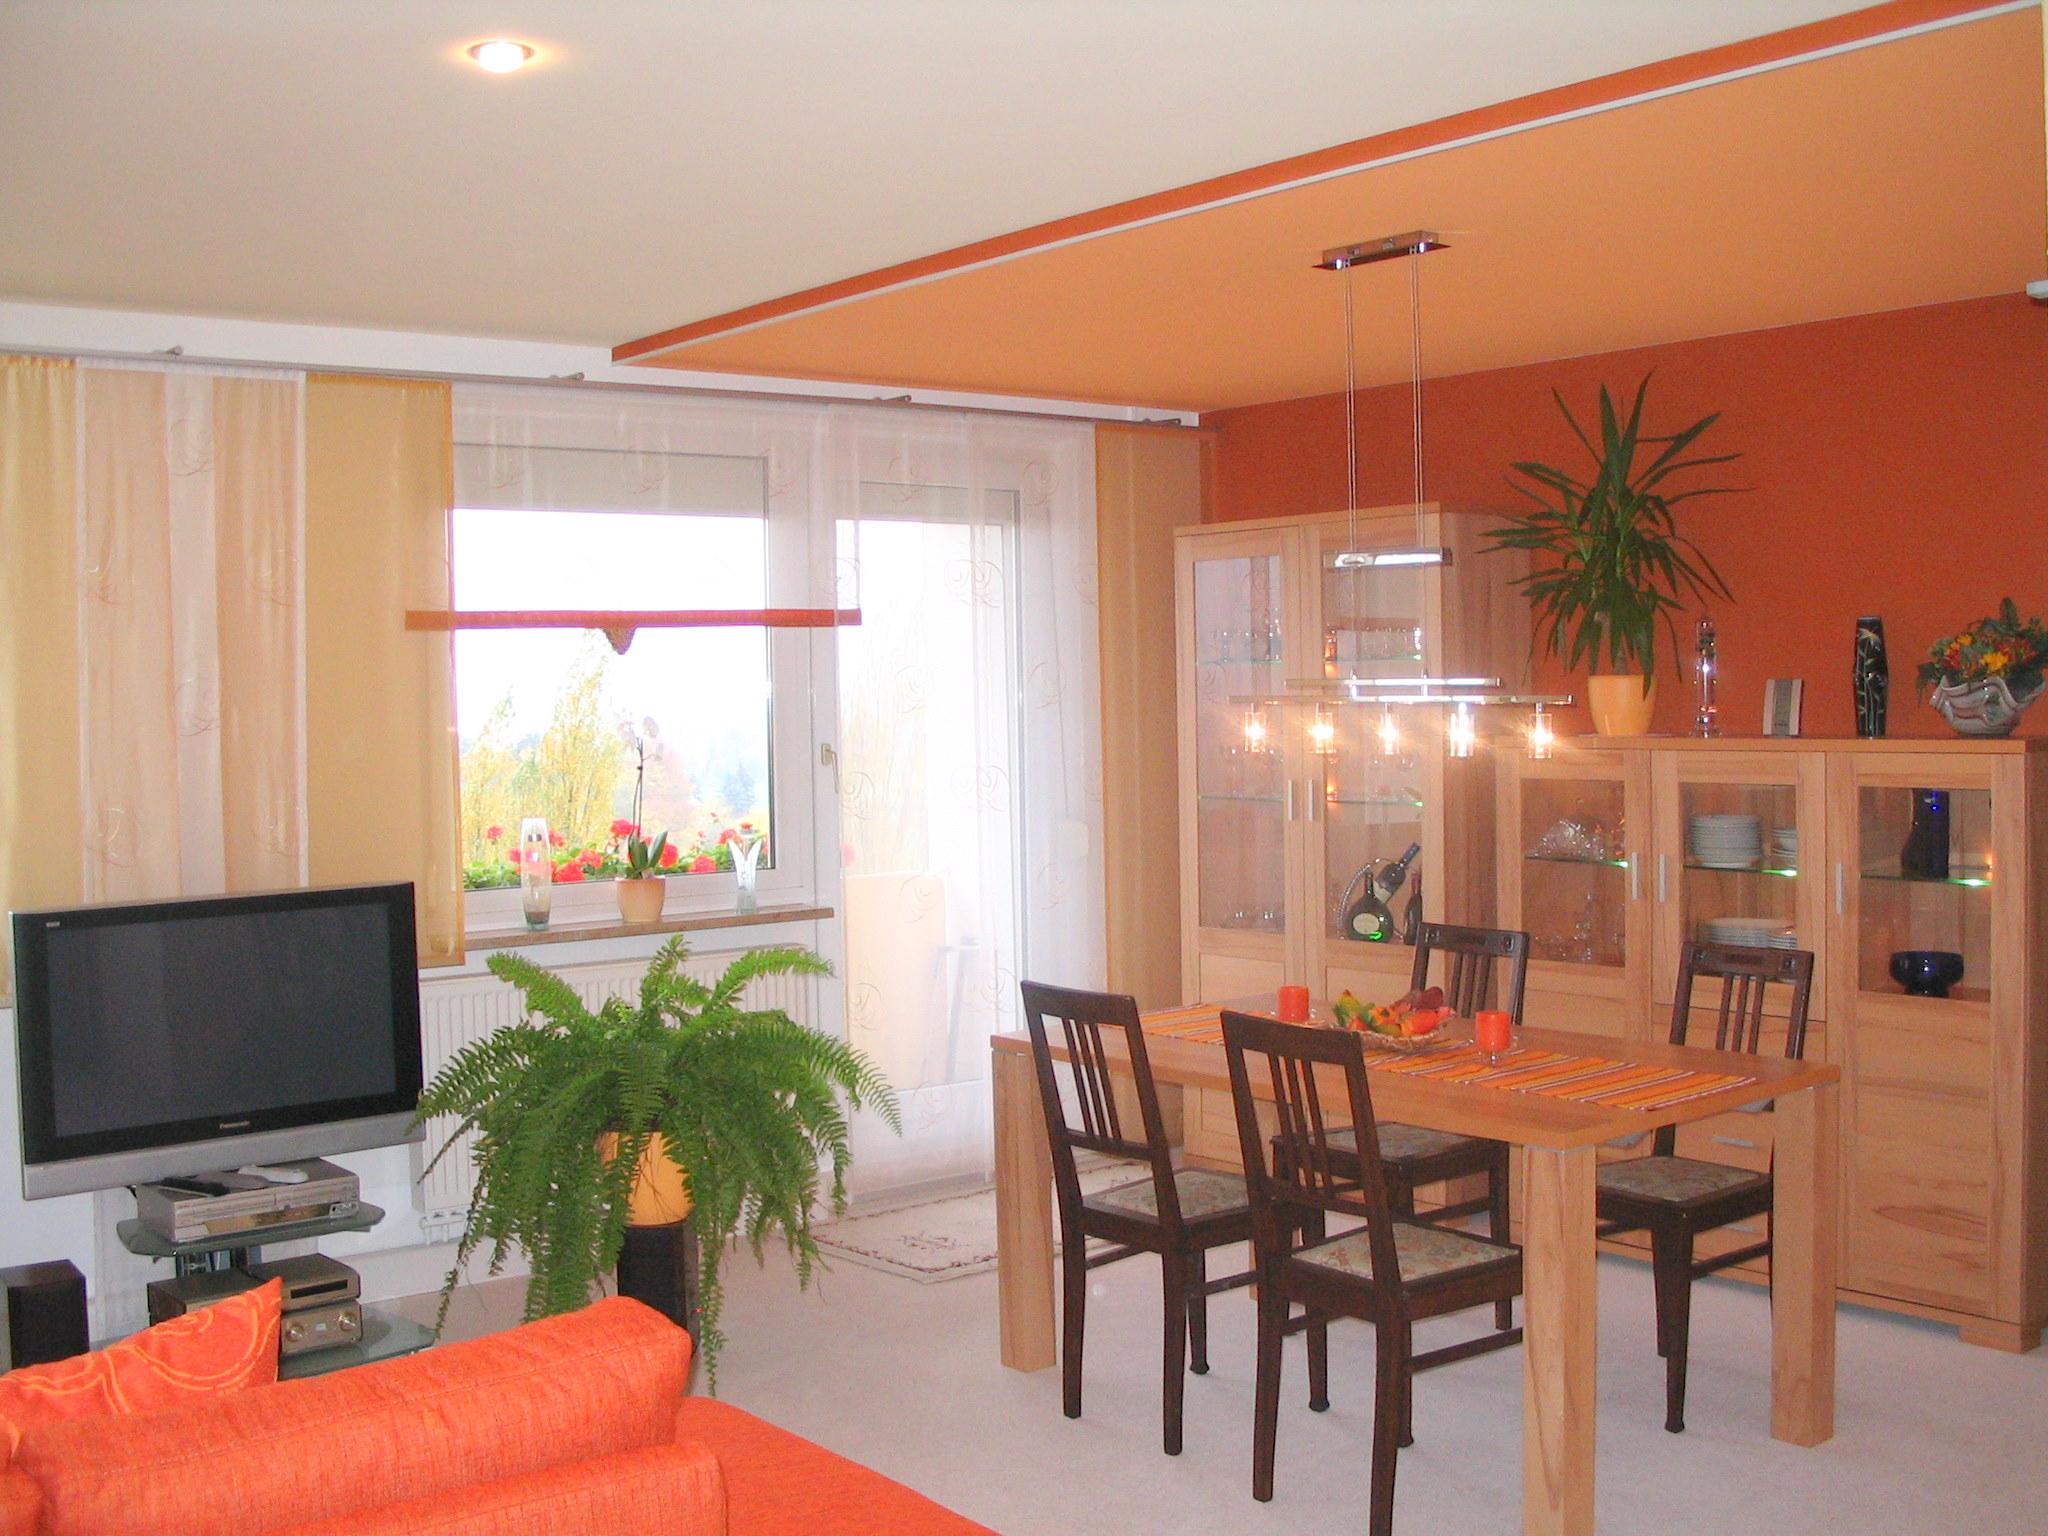 Wohnzimmer Zweifarbig Gestalten Seldeon Innen